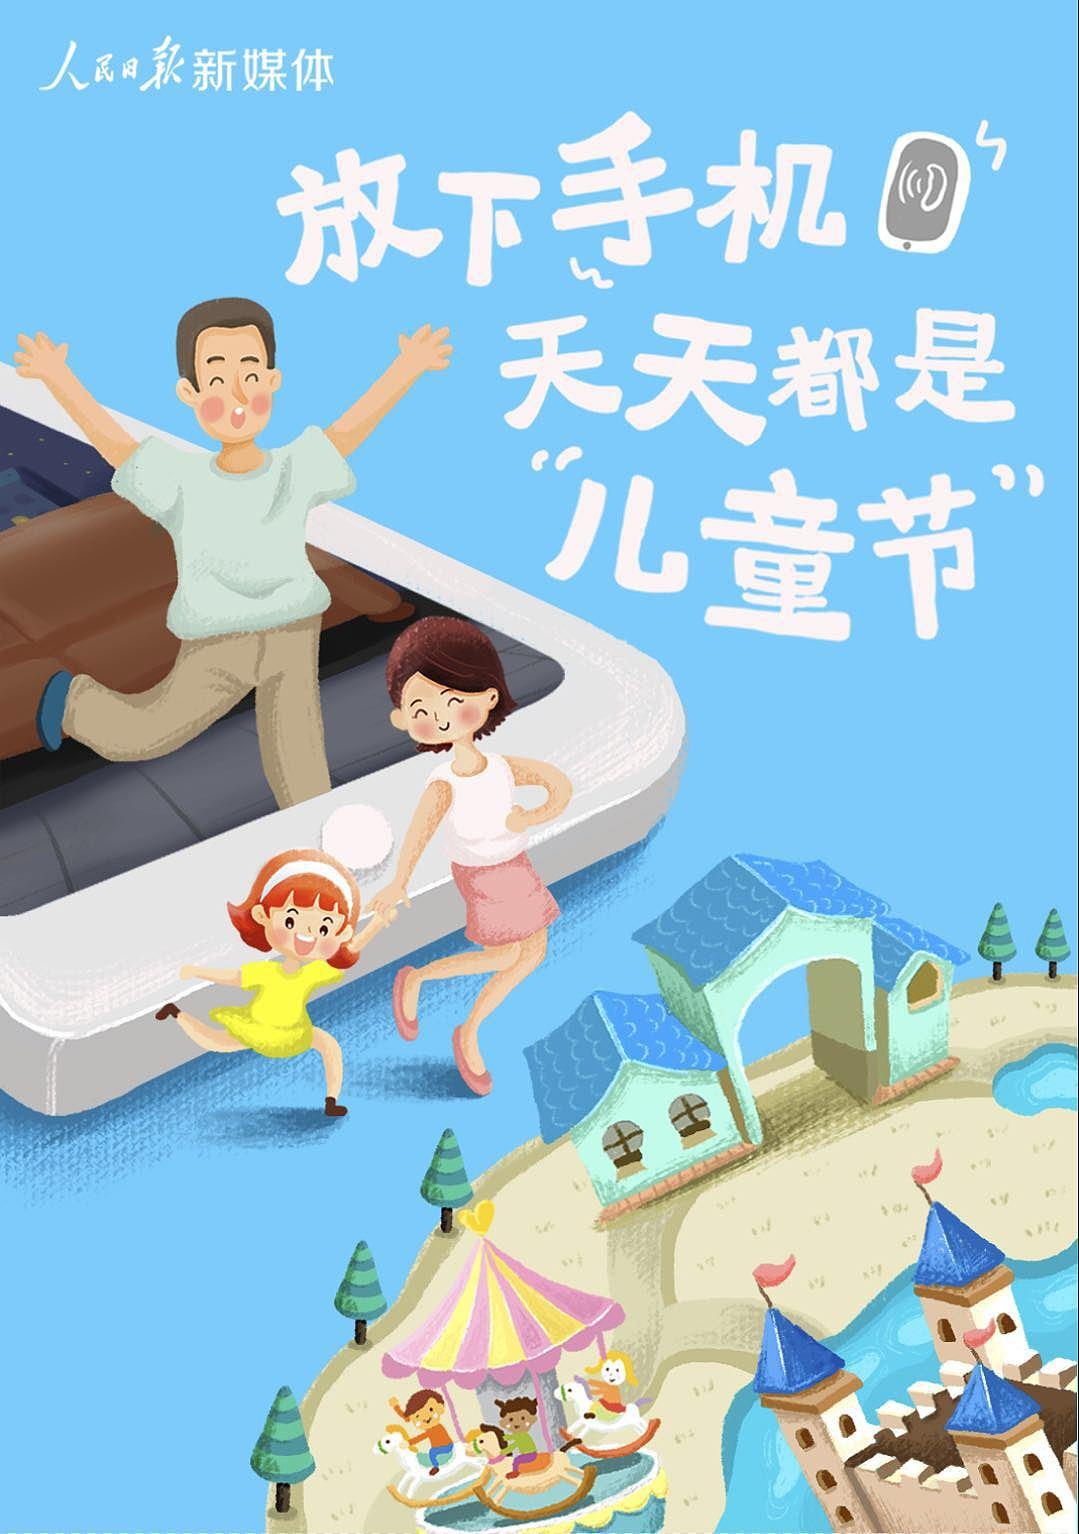 官微画的六一儿童节海报上线啦,放下手机,天天都是儿童节,传播正能量.图片